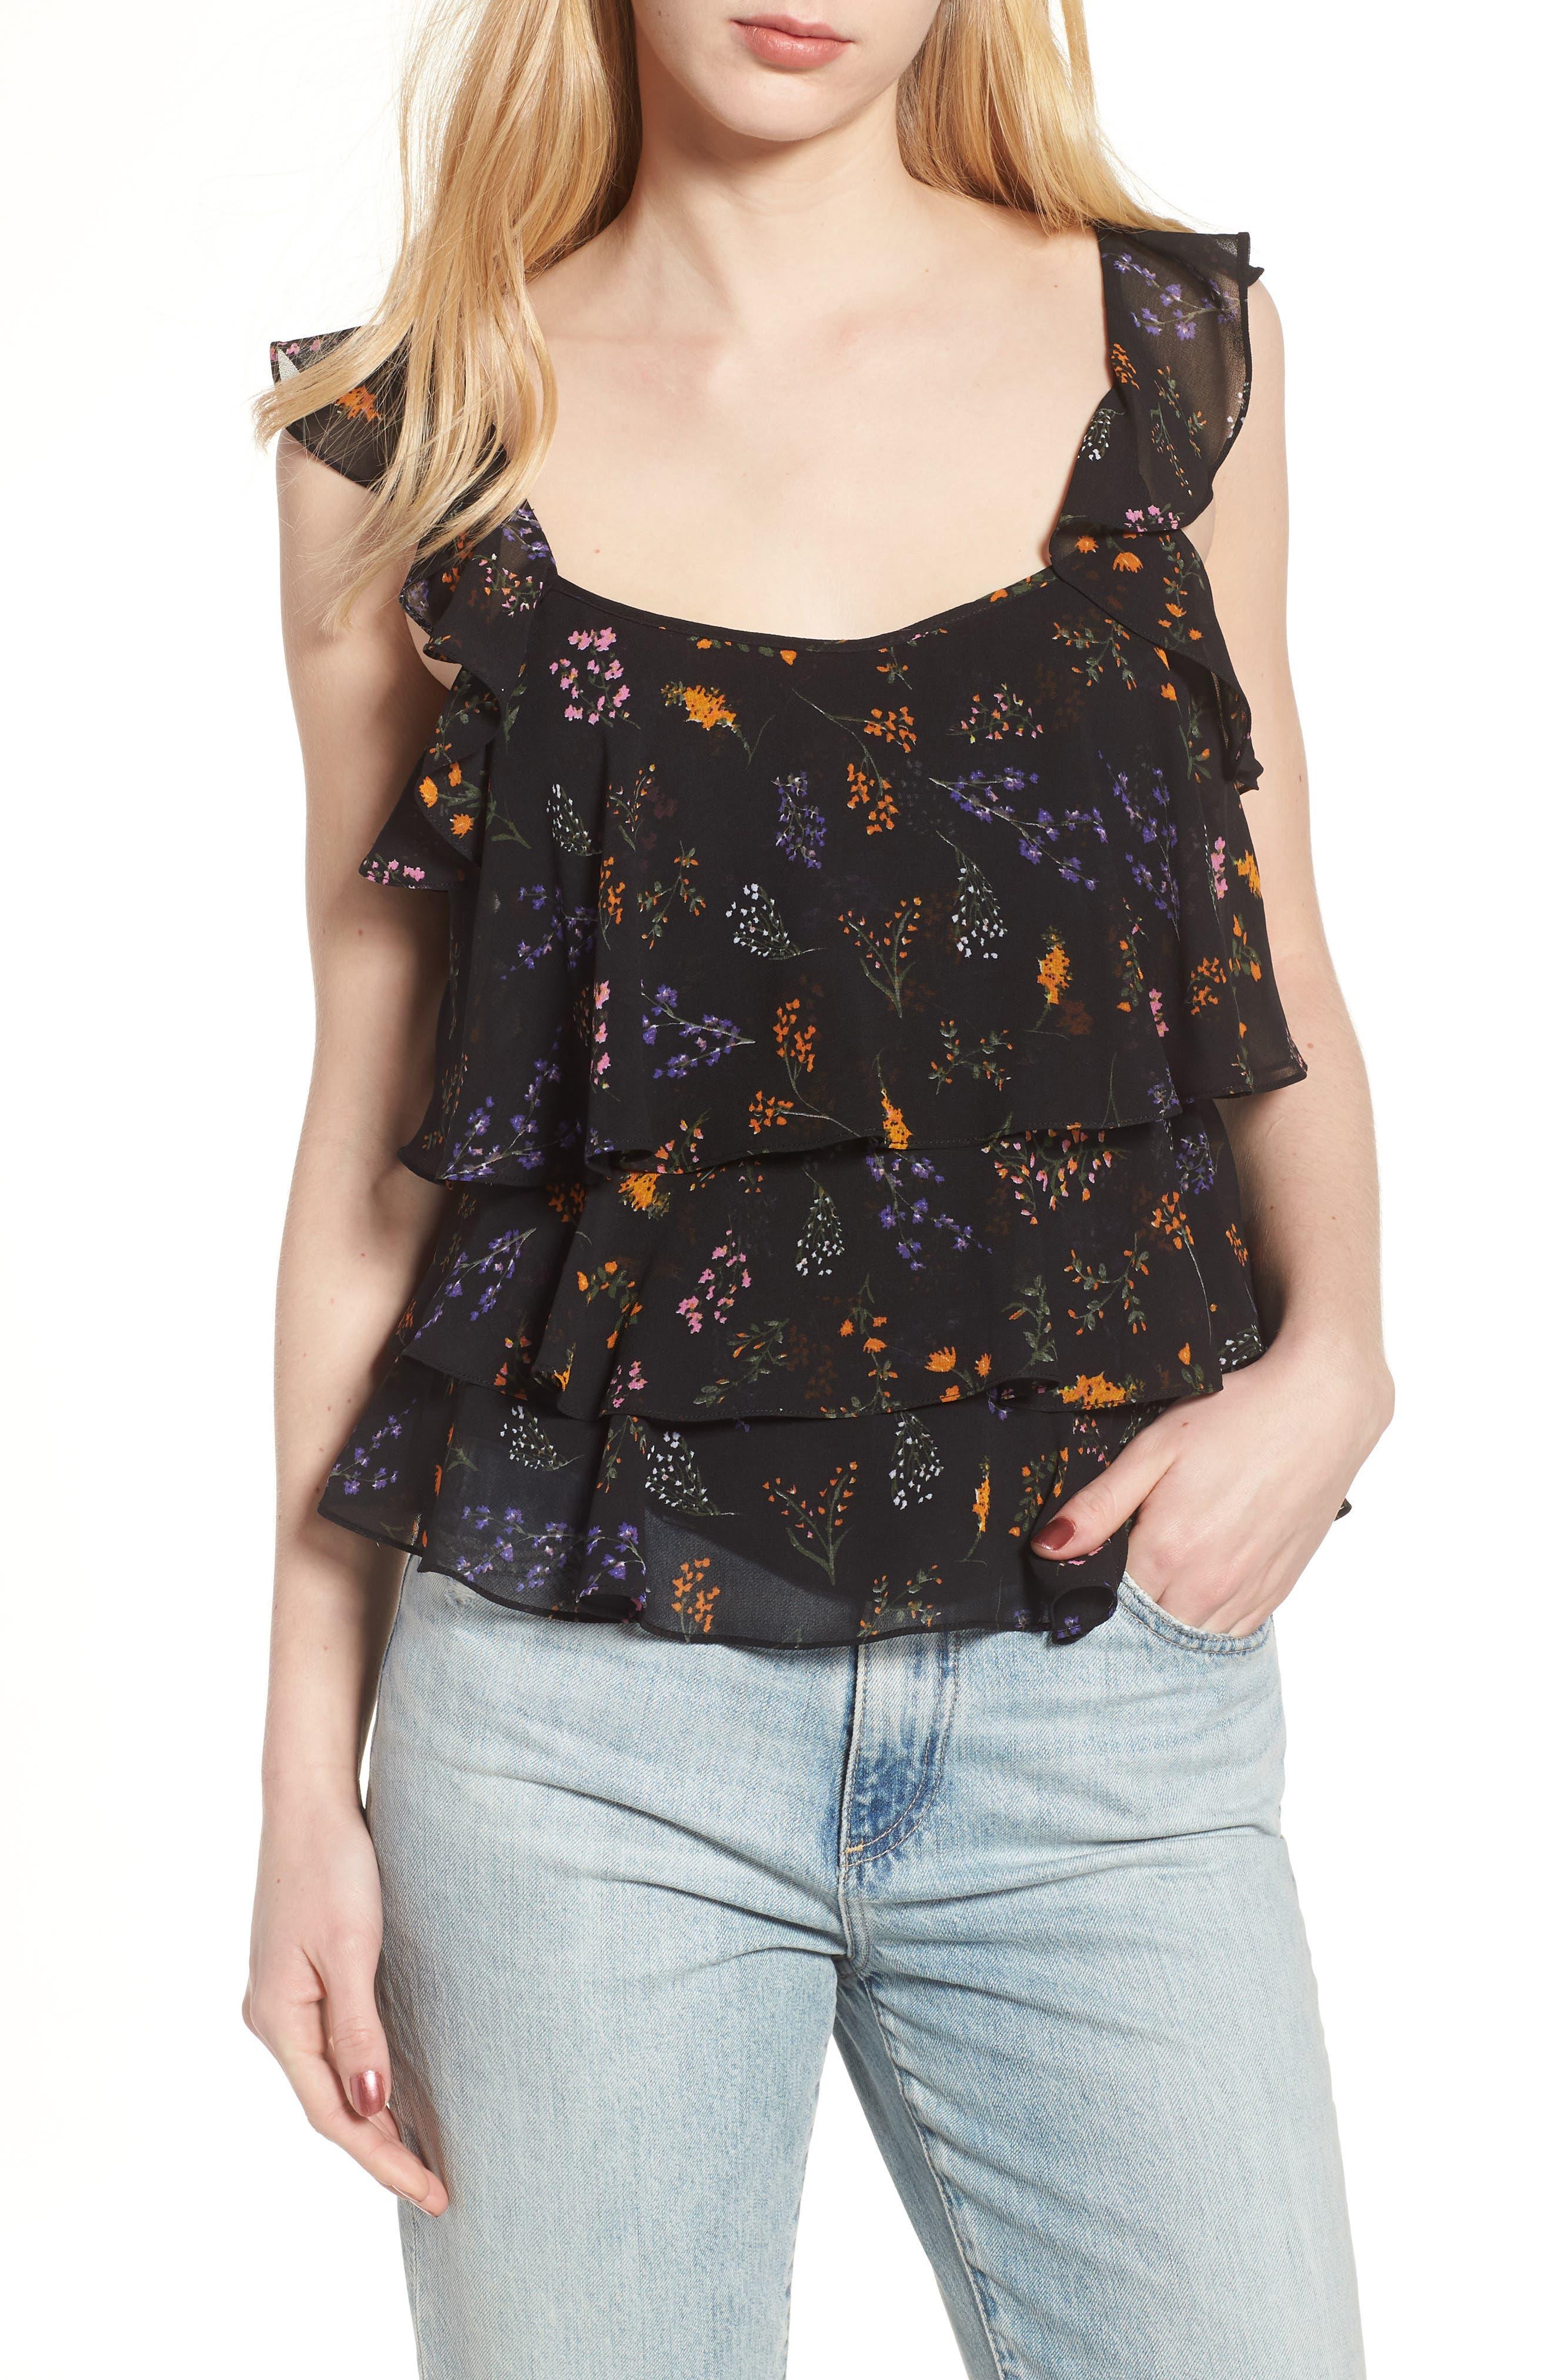 Alexis Top,                         Main,                         color, Black Floral